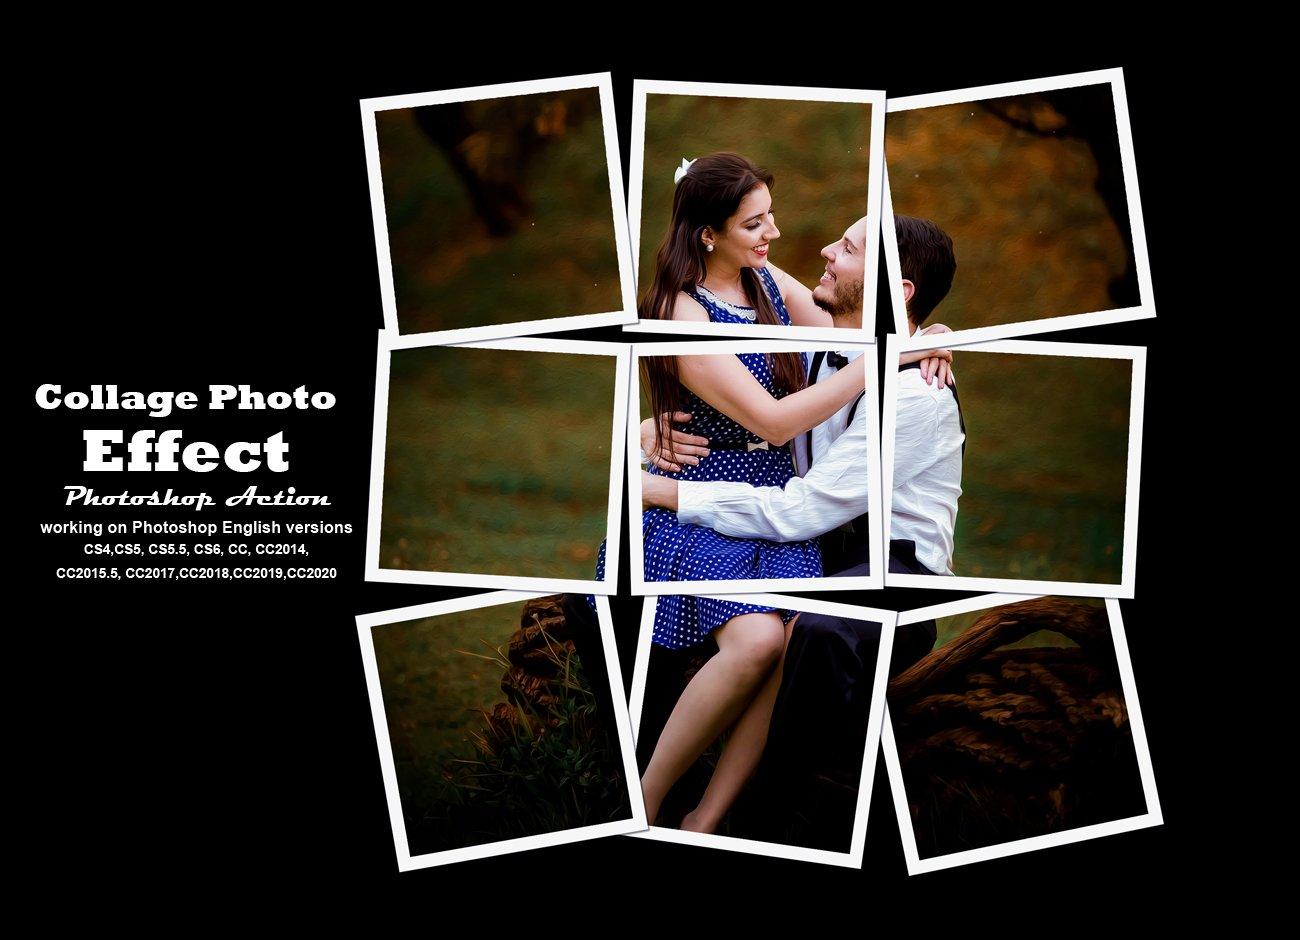 拼贴效果照片处理特效PS动作模板素材 Collage Photo Effect PS Action插图